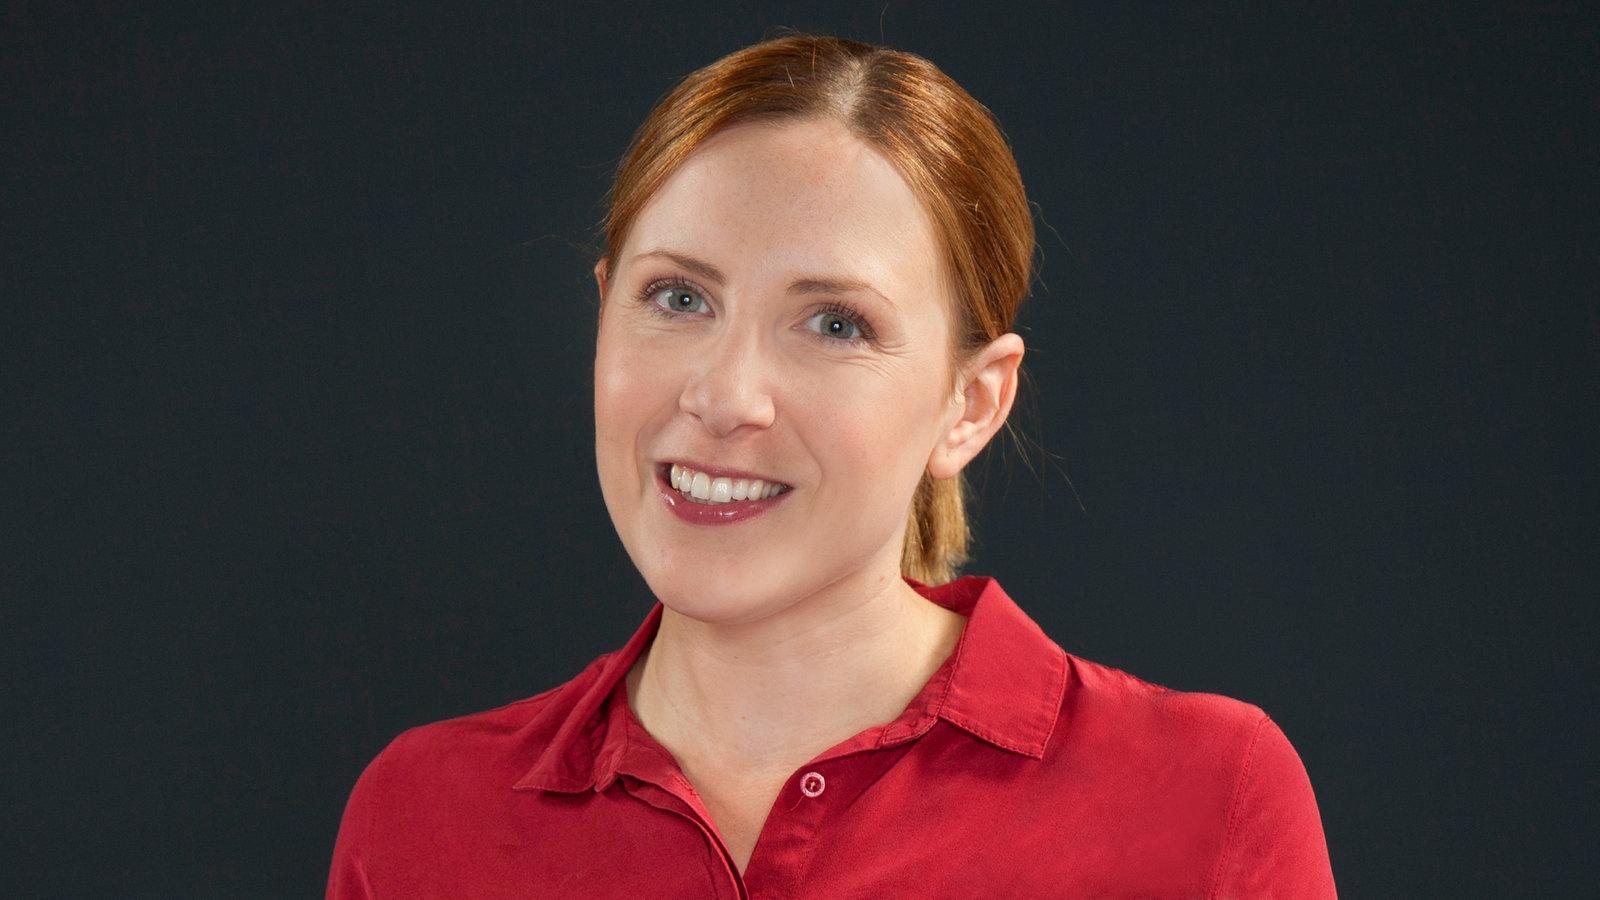 Sarah Ziegler